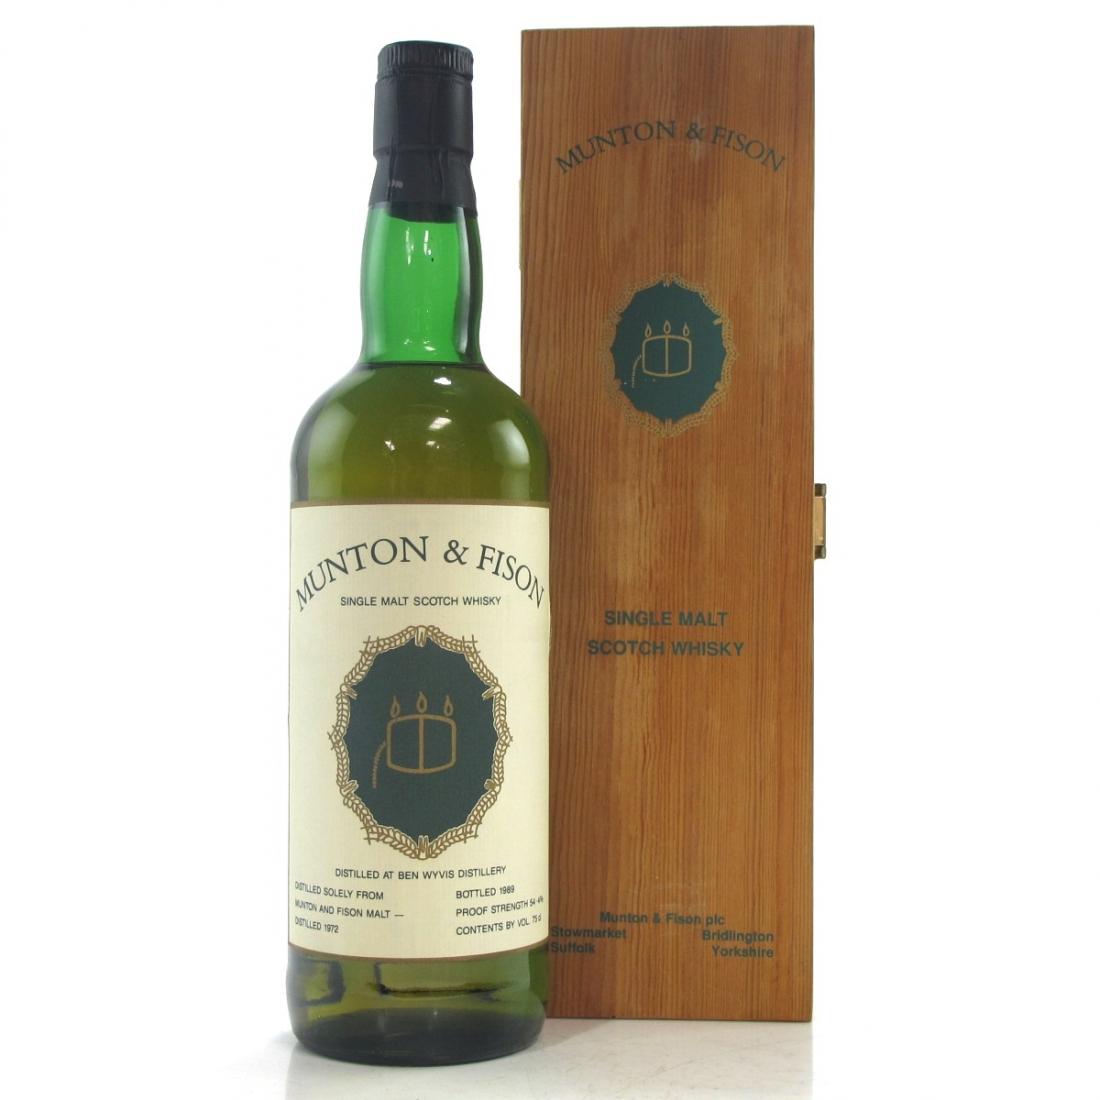 Ben Wyvis 1972 Munton & Fison